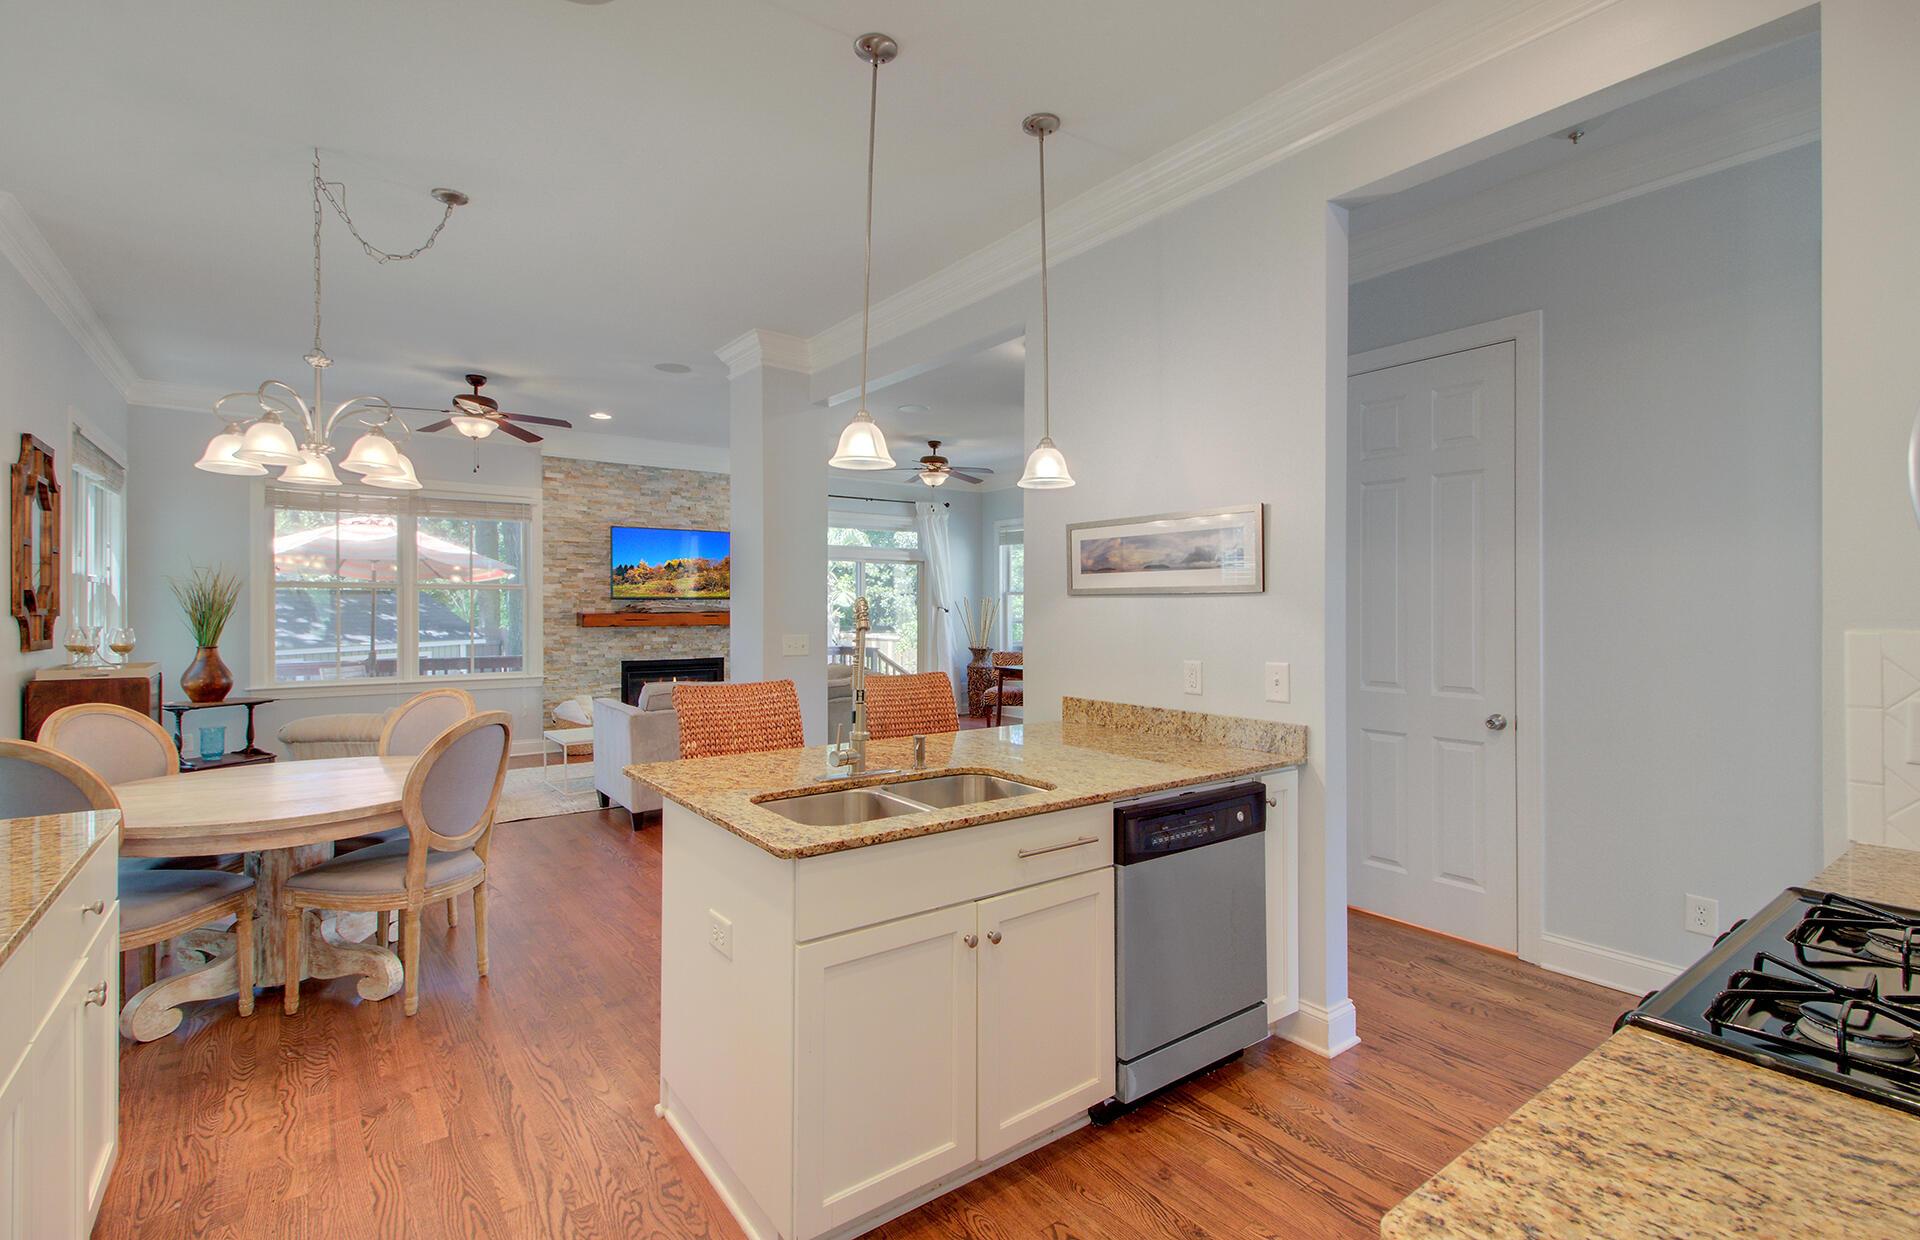 Phillips Park Homes For Sale - 1129 Phillips Park, Mount Pleasant, SC - 23